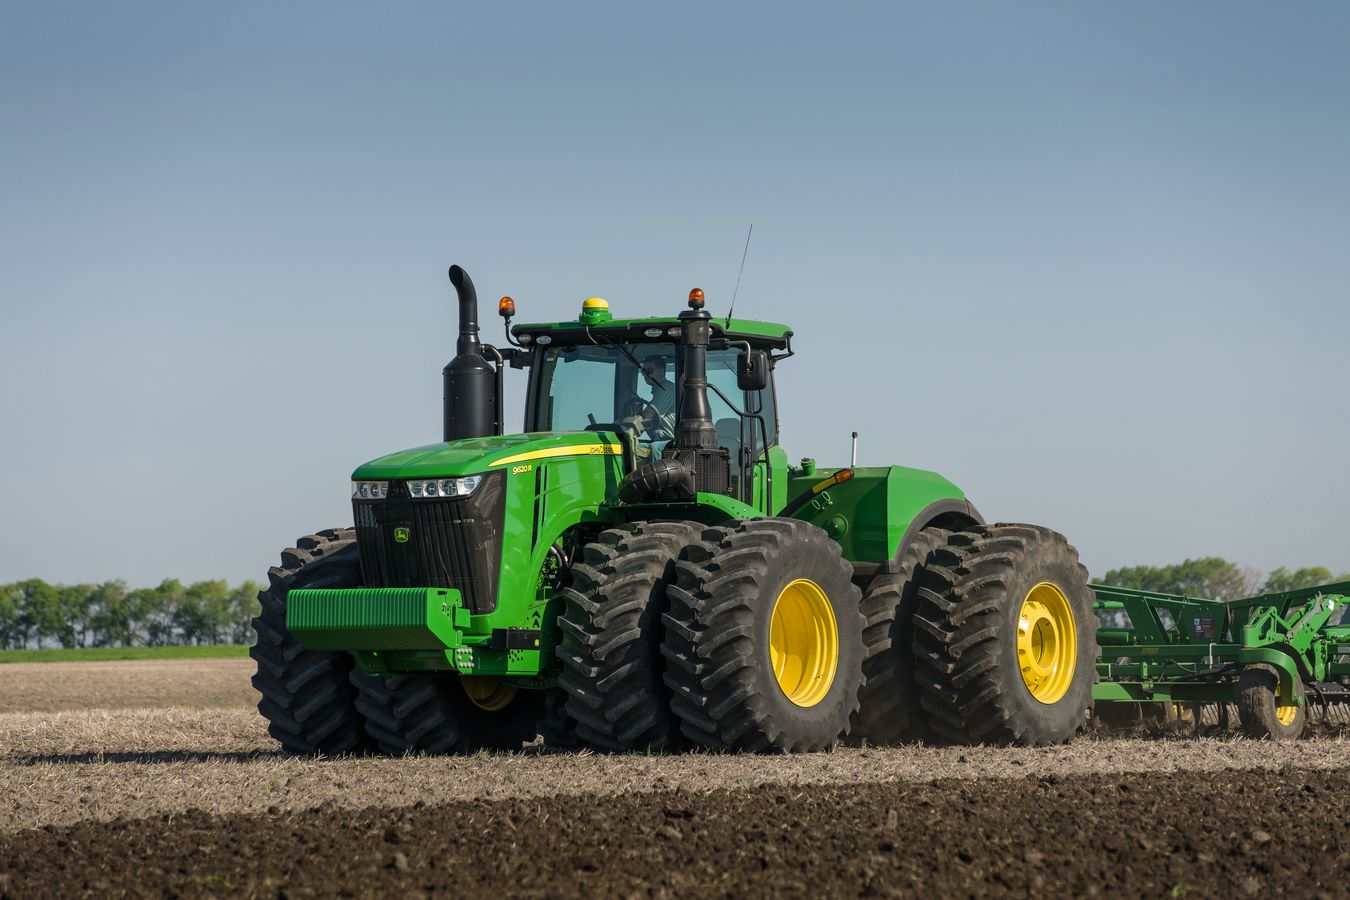 more john deere tractors